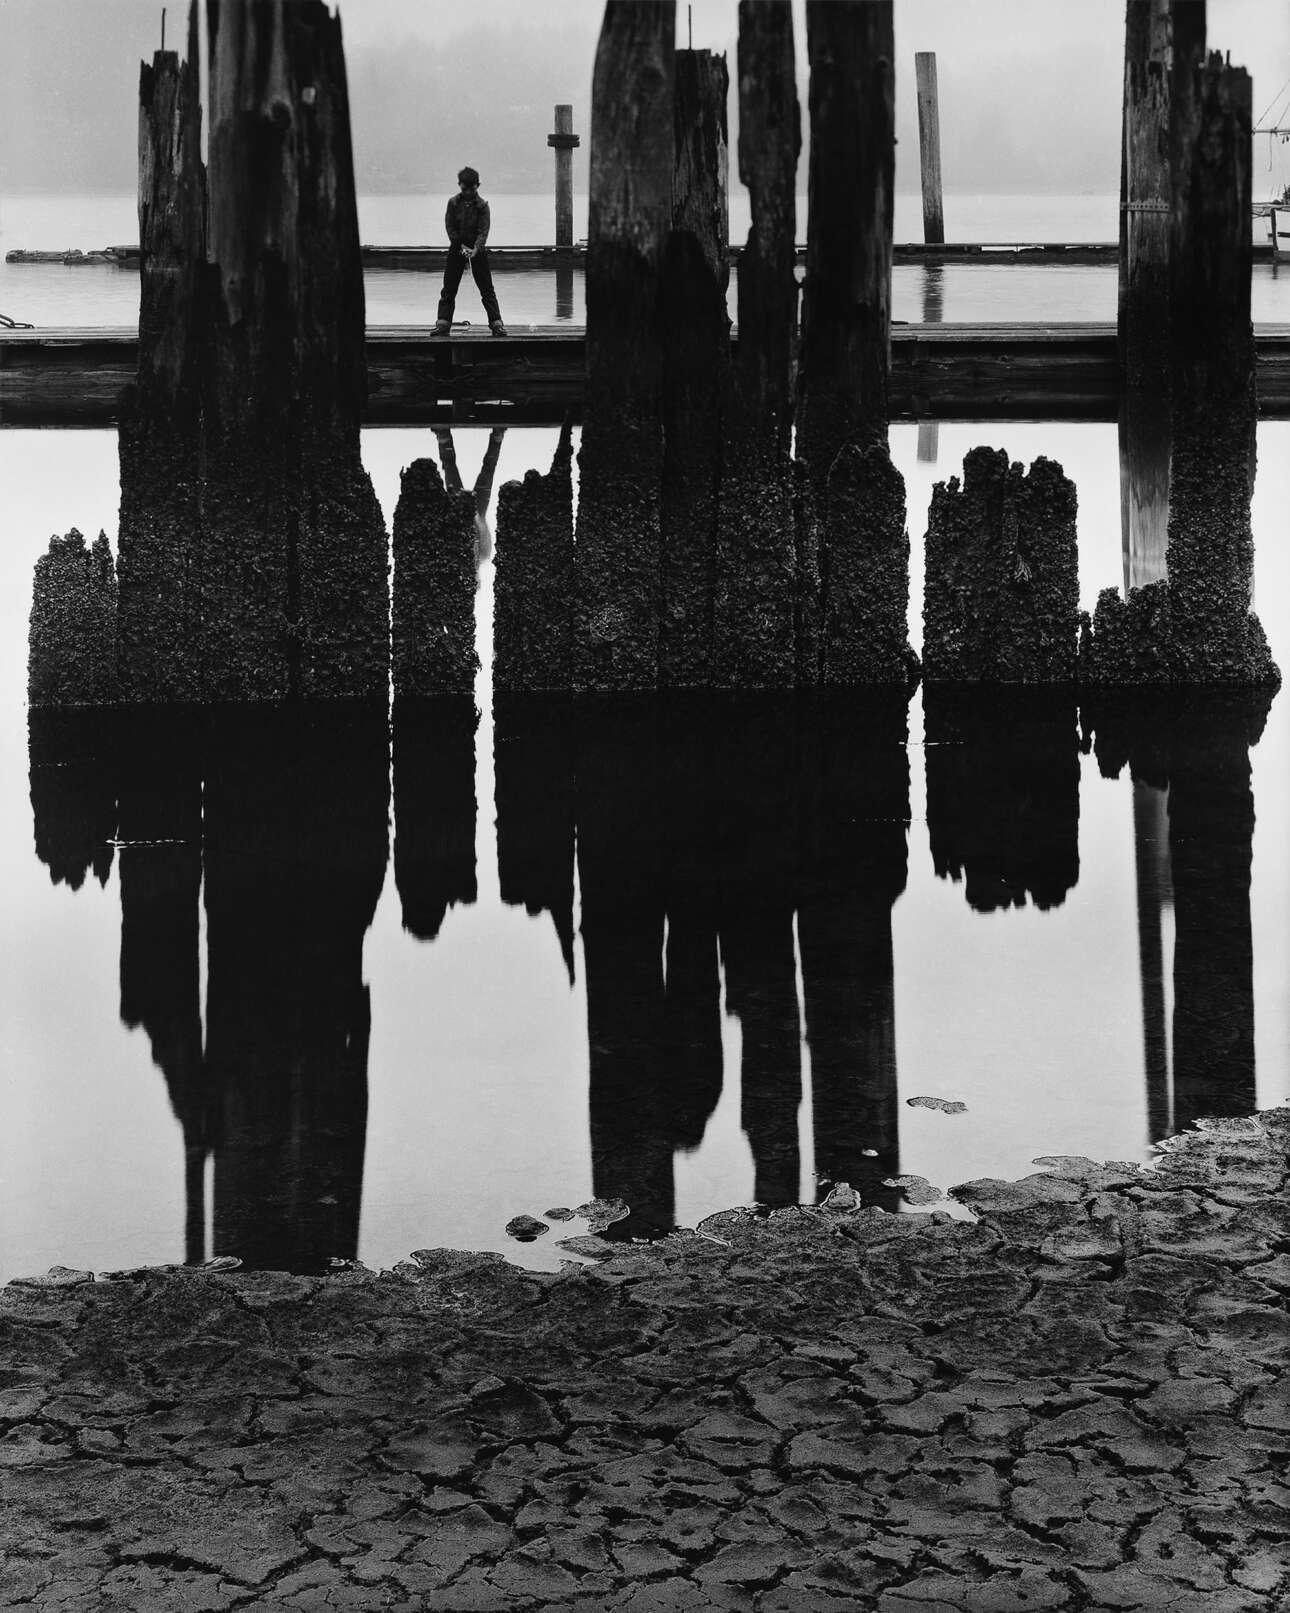 «Αγόρι που ψαρεύει», 1959. Ο Μπούλοκ άρχισε να εισάγει την ανθρώπινη φιγούρα στη φωτογραφία τοπίου τη δεκαετία του 1950. Αυτό αποδείχθηκε καθοριστικό στην ανάπτυξη της ξεχωριστής φωνής του ως καλλιτέχνη